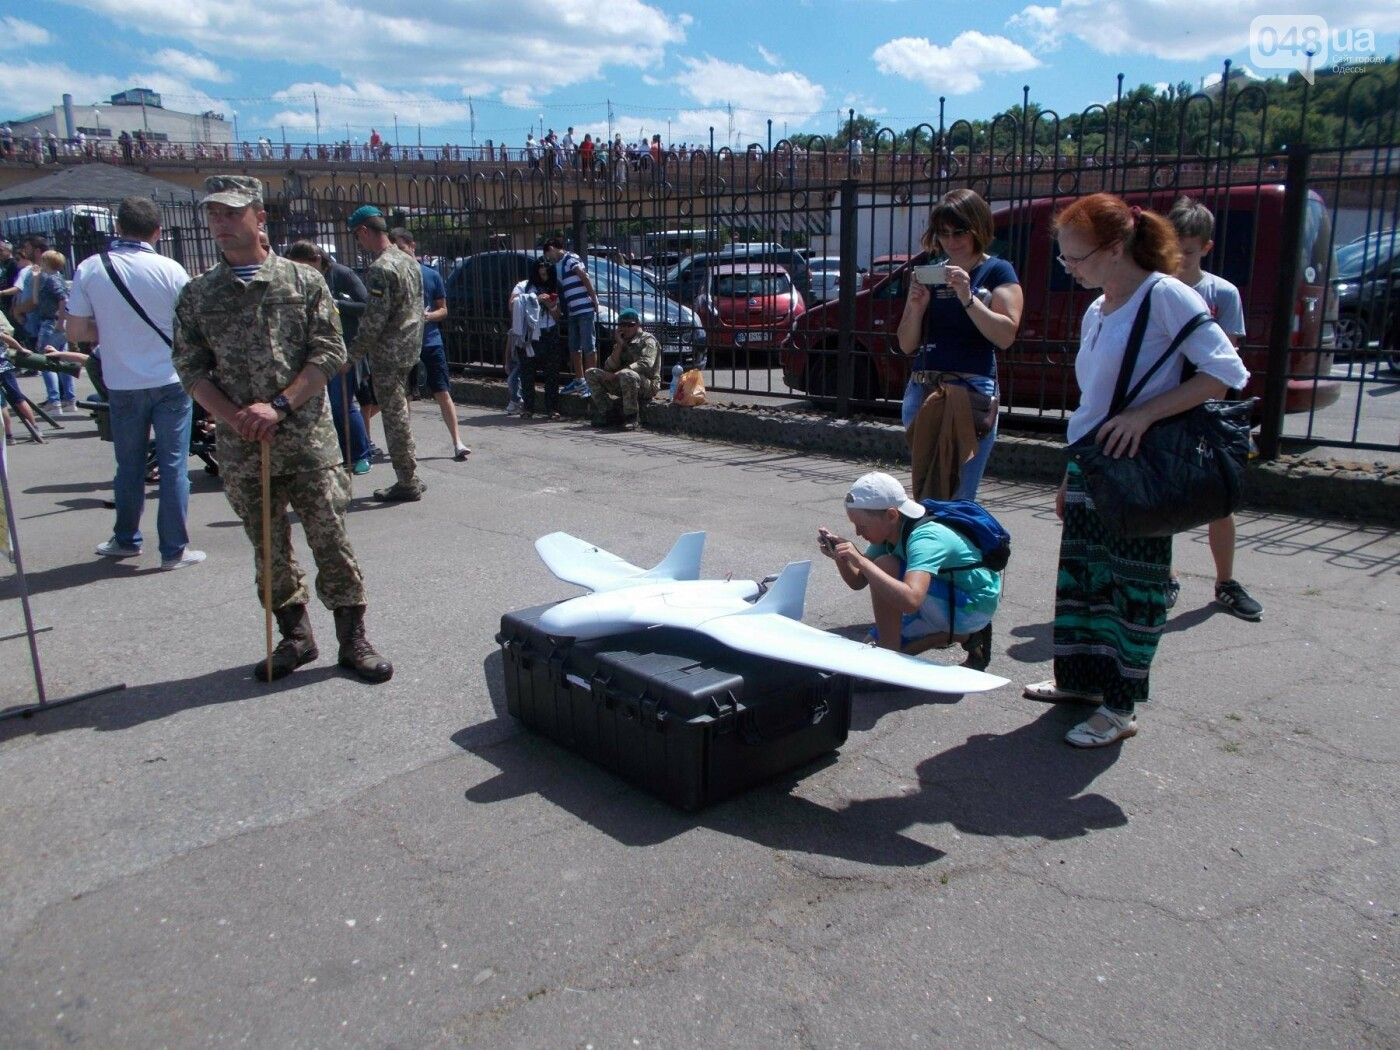 День Военно-морских сил Украины отпраздновали на Одесском морвокзале, - ФОТО , фото-37